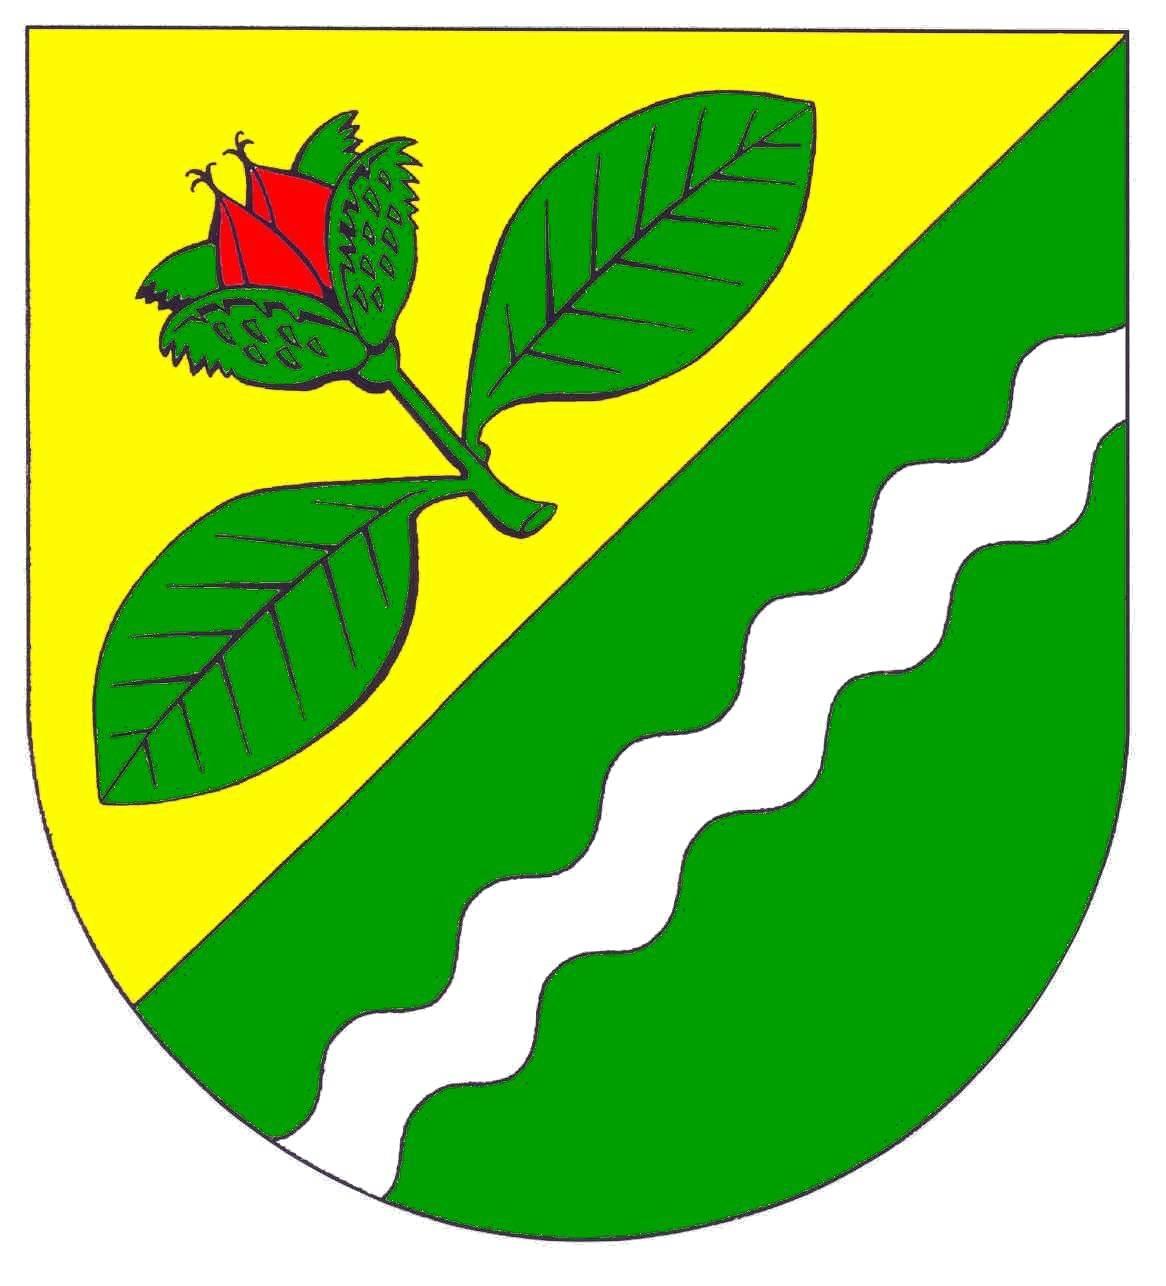 Wappen GemeindeBokelrehm, Kreis Steinburg